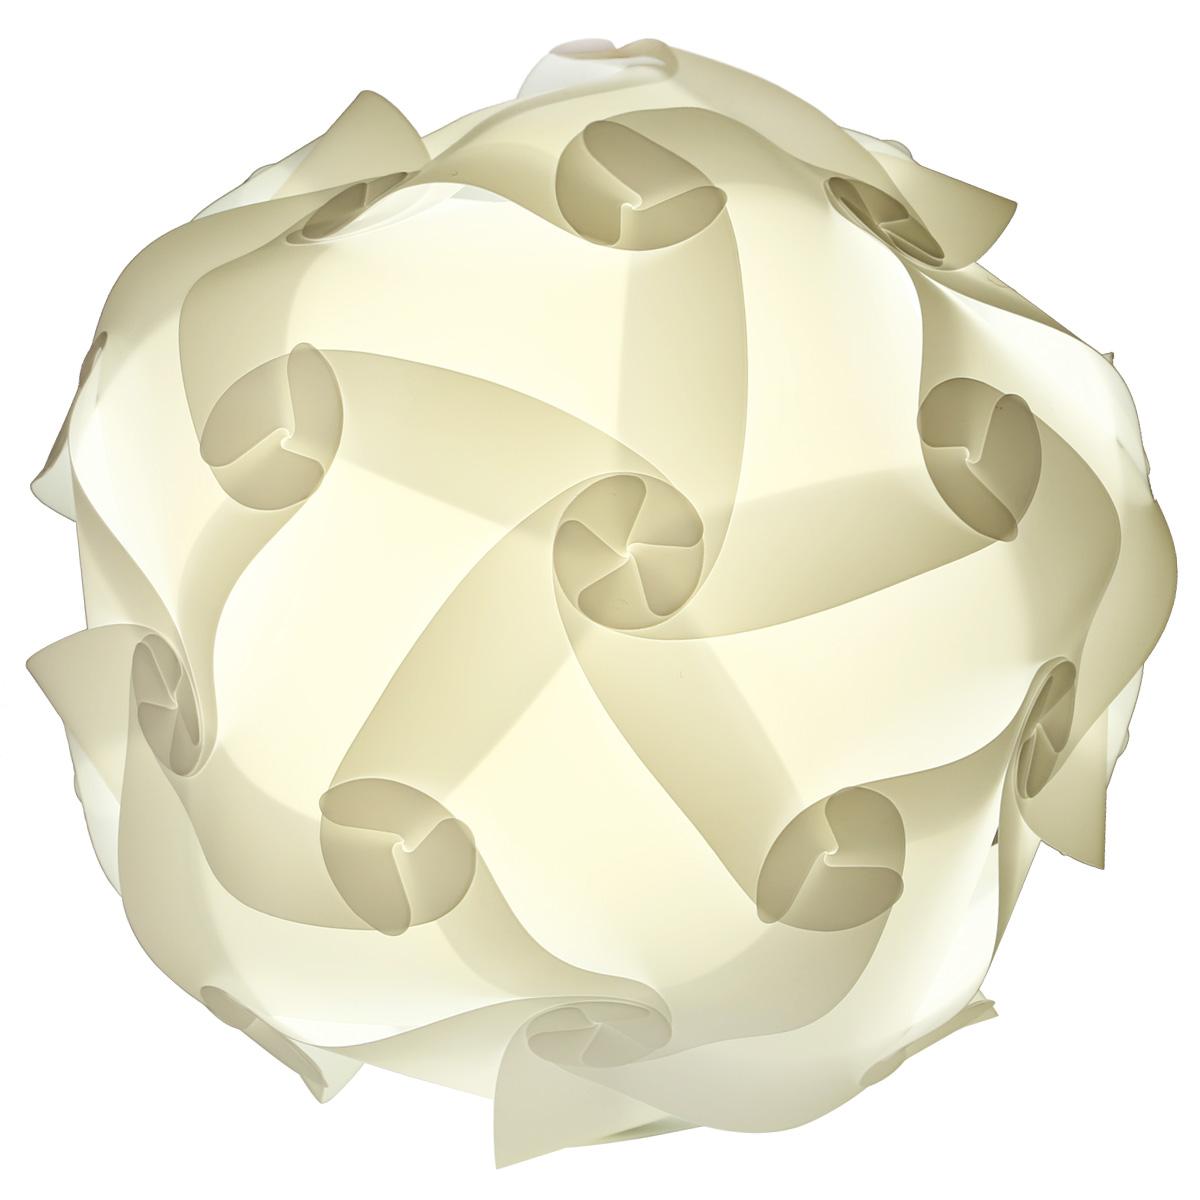 abat jour suspendu plastique blanc puzzle 30 morceaux lampe 25cm 30cm 40cm ebay. Black Bedroom Furniture Sets. Home Design Ideas